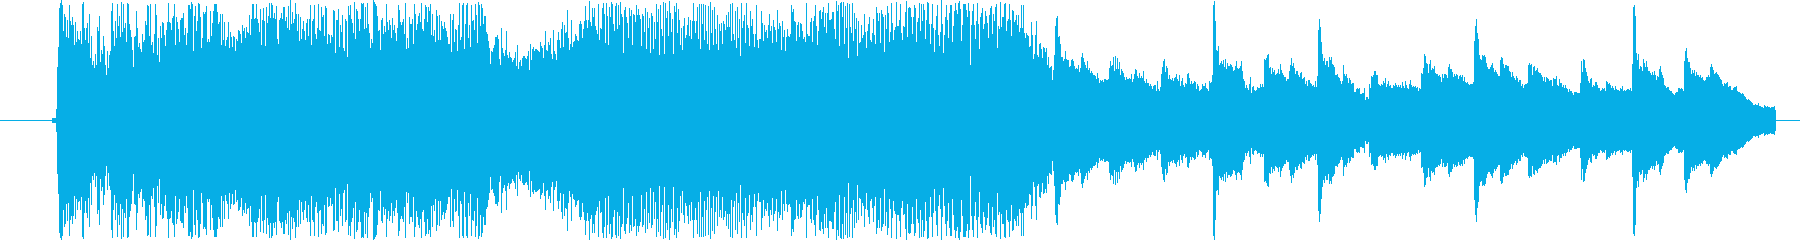 ビジュアルをブランディングしたり、...の再生済みの波形